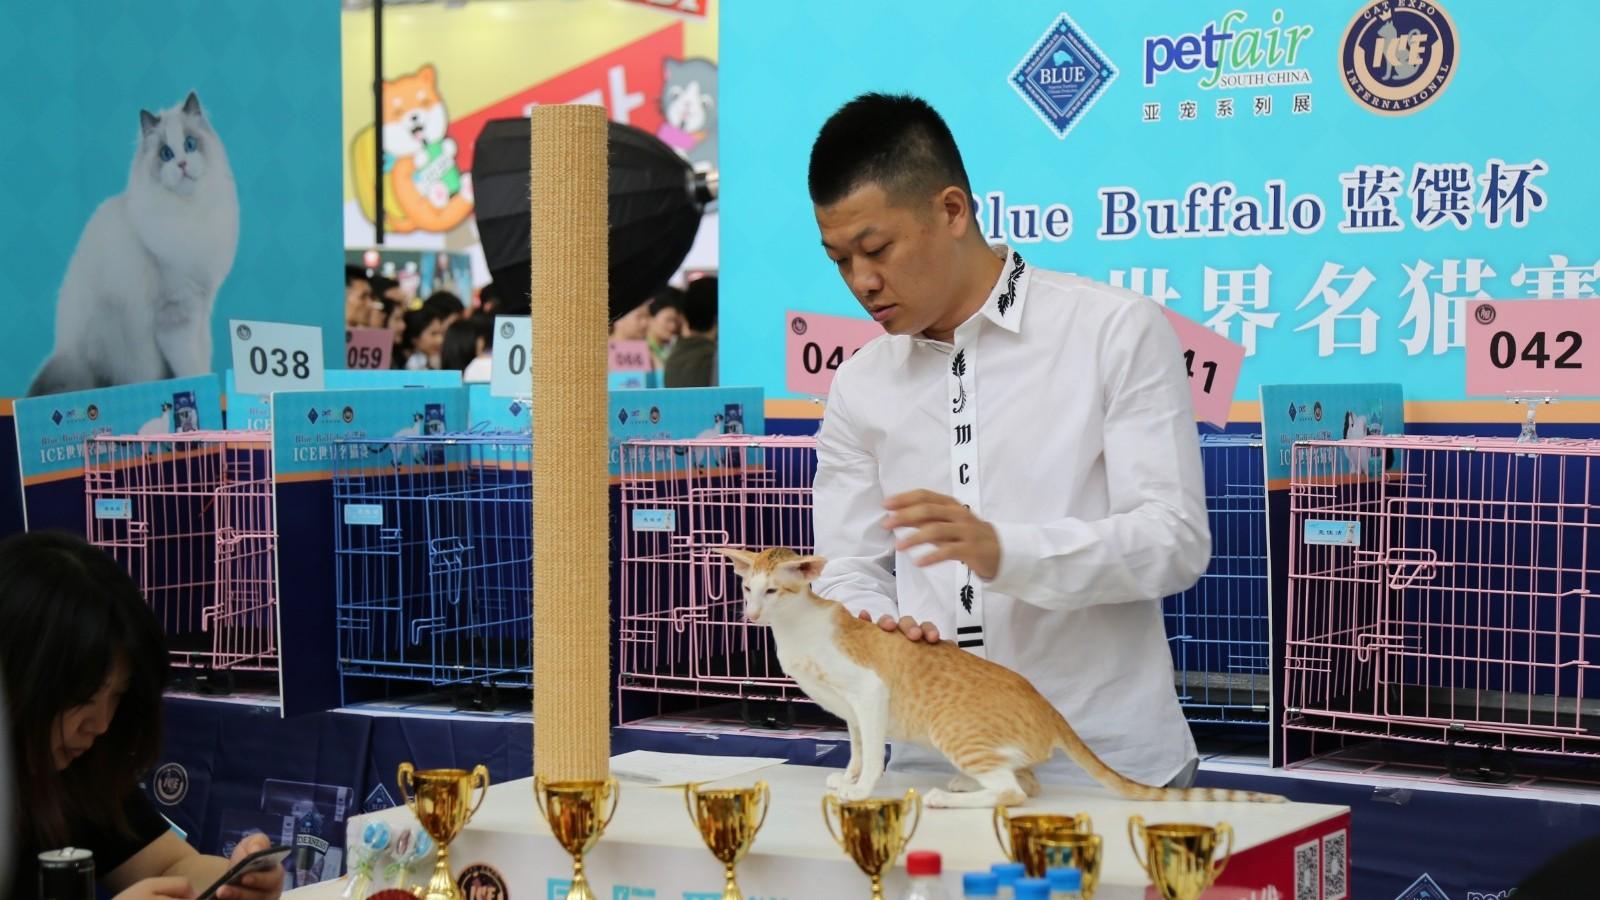 Pet Fair South-China